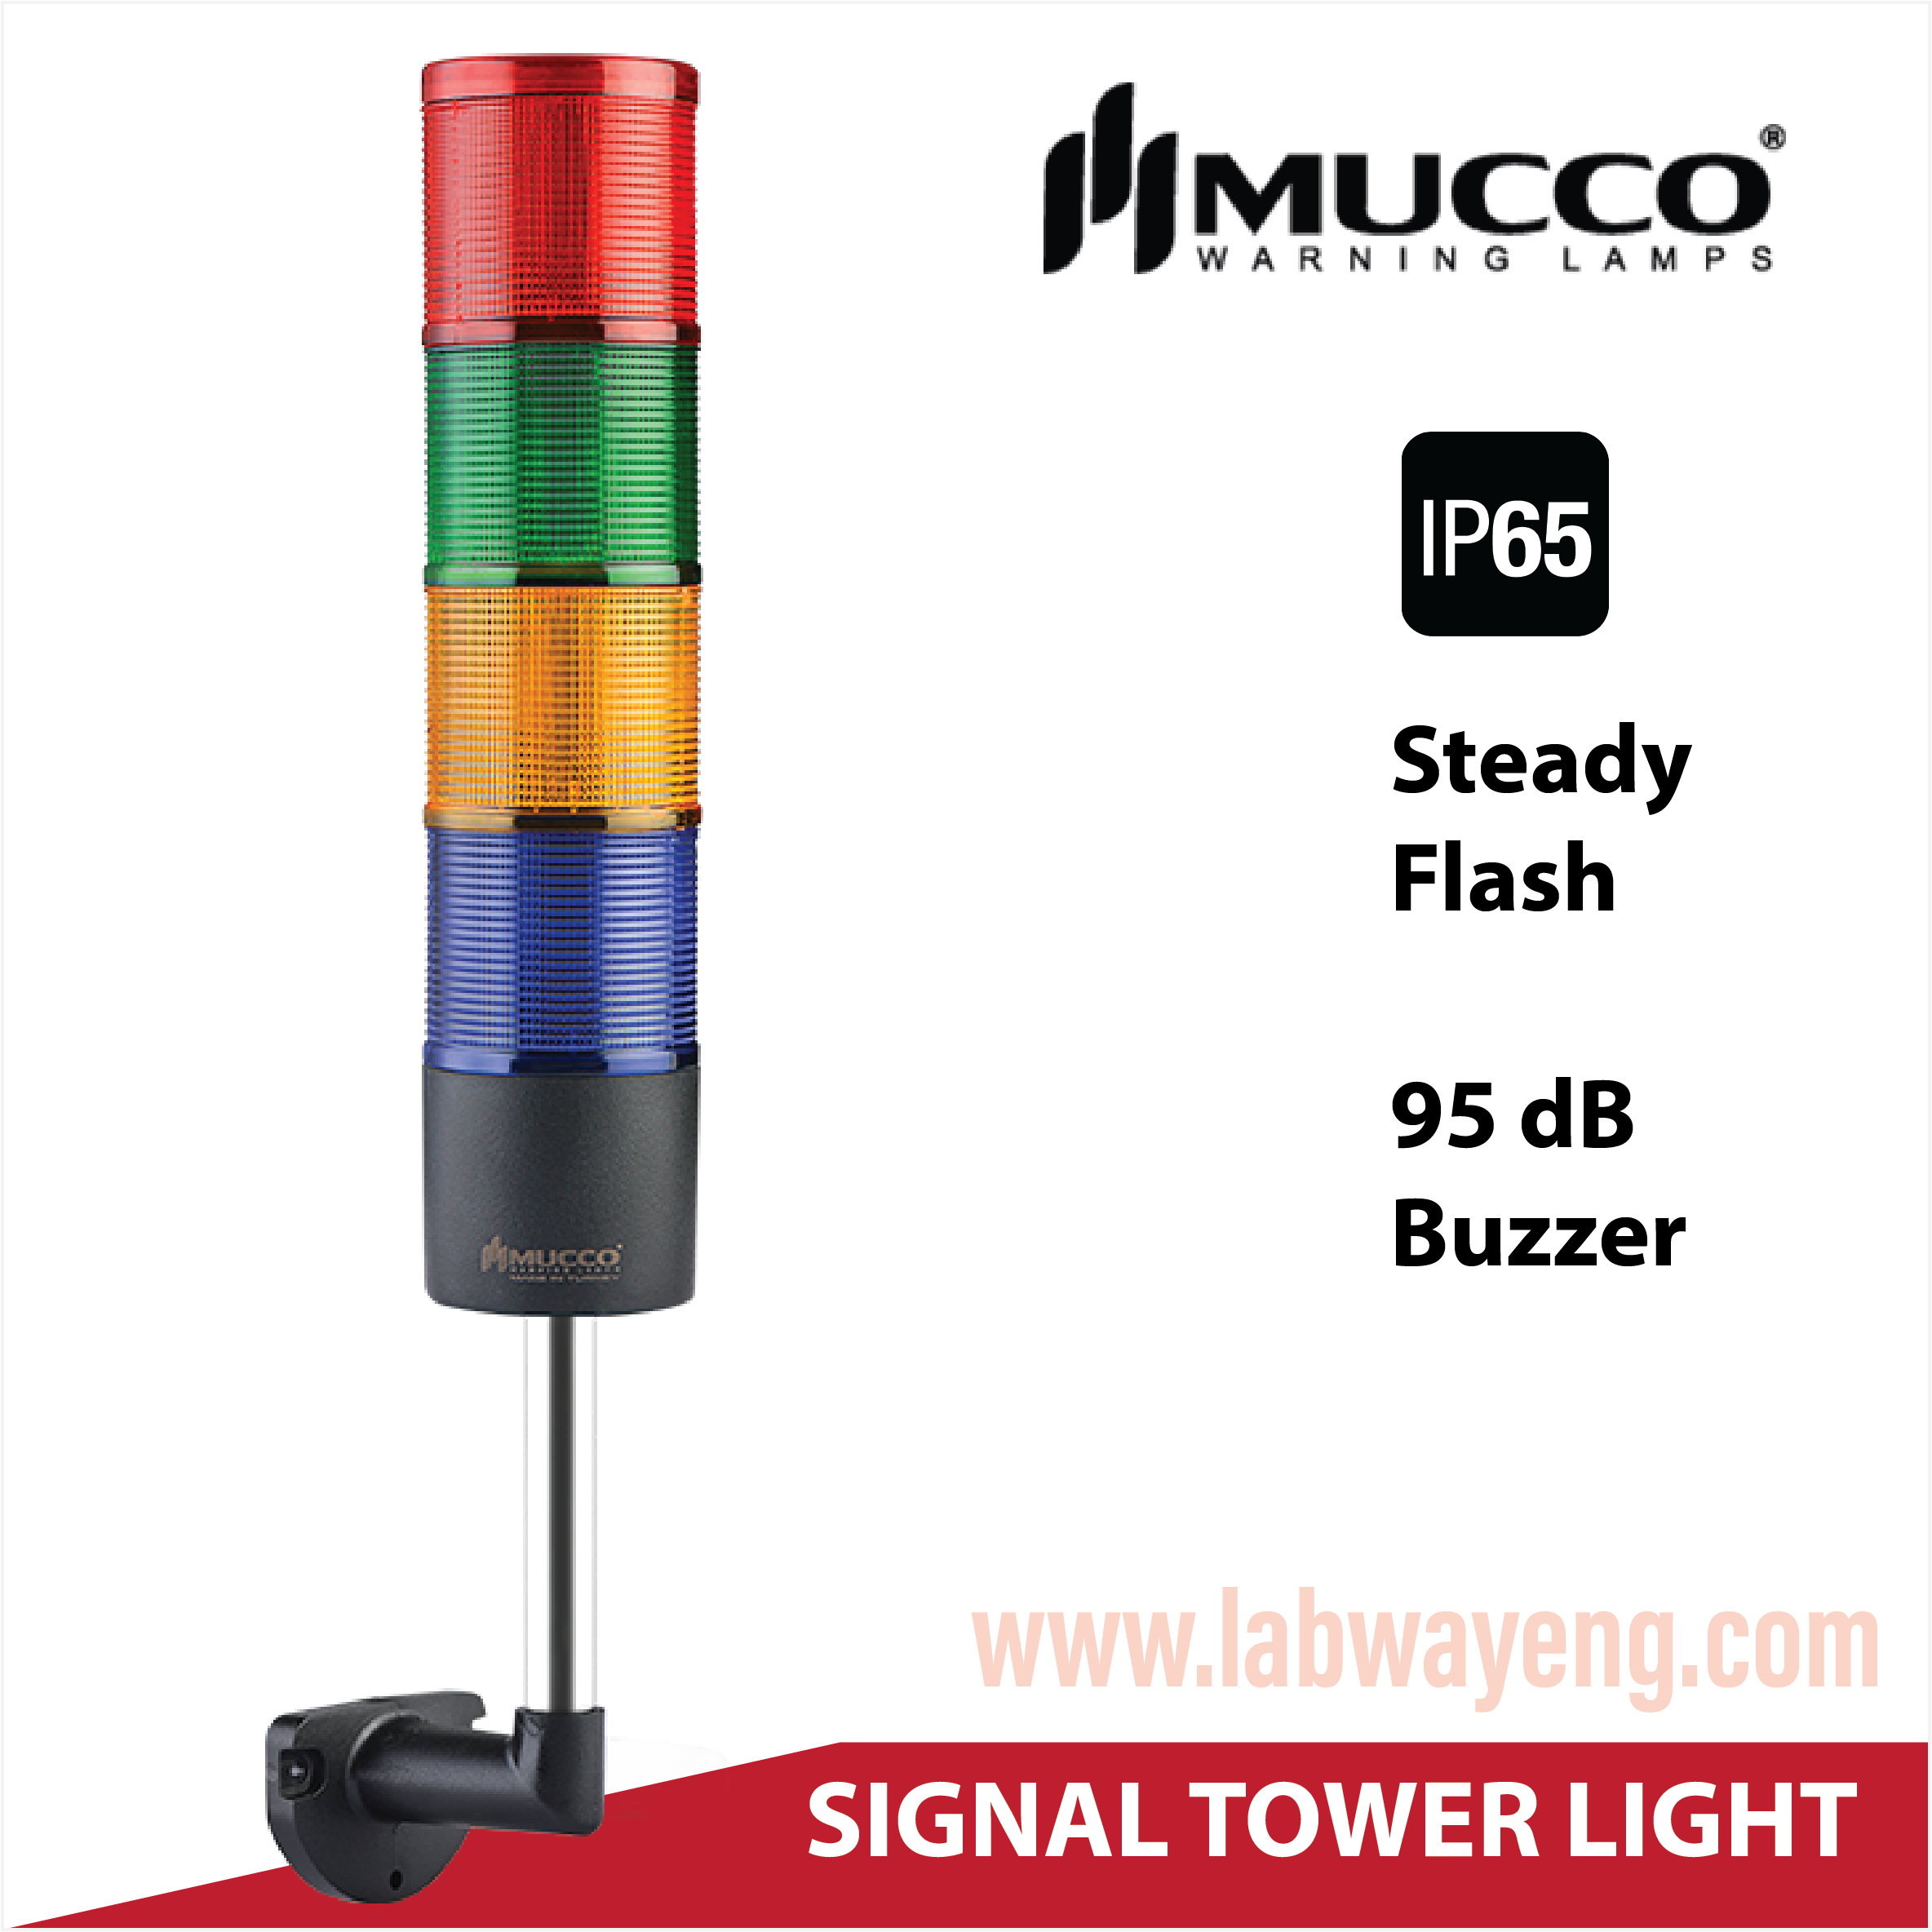 Tower light ,Tower light IP65 , Tower light กันน้ำ , Tower light Mucco 3 ชั้น , ไฟสัญญาณ ทาวเวอร์ไลท์ กันน้ำ 3 ชั้น ,ไฟสัญญาณเครื่องจักร